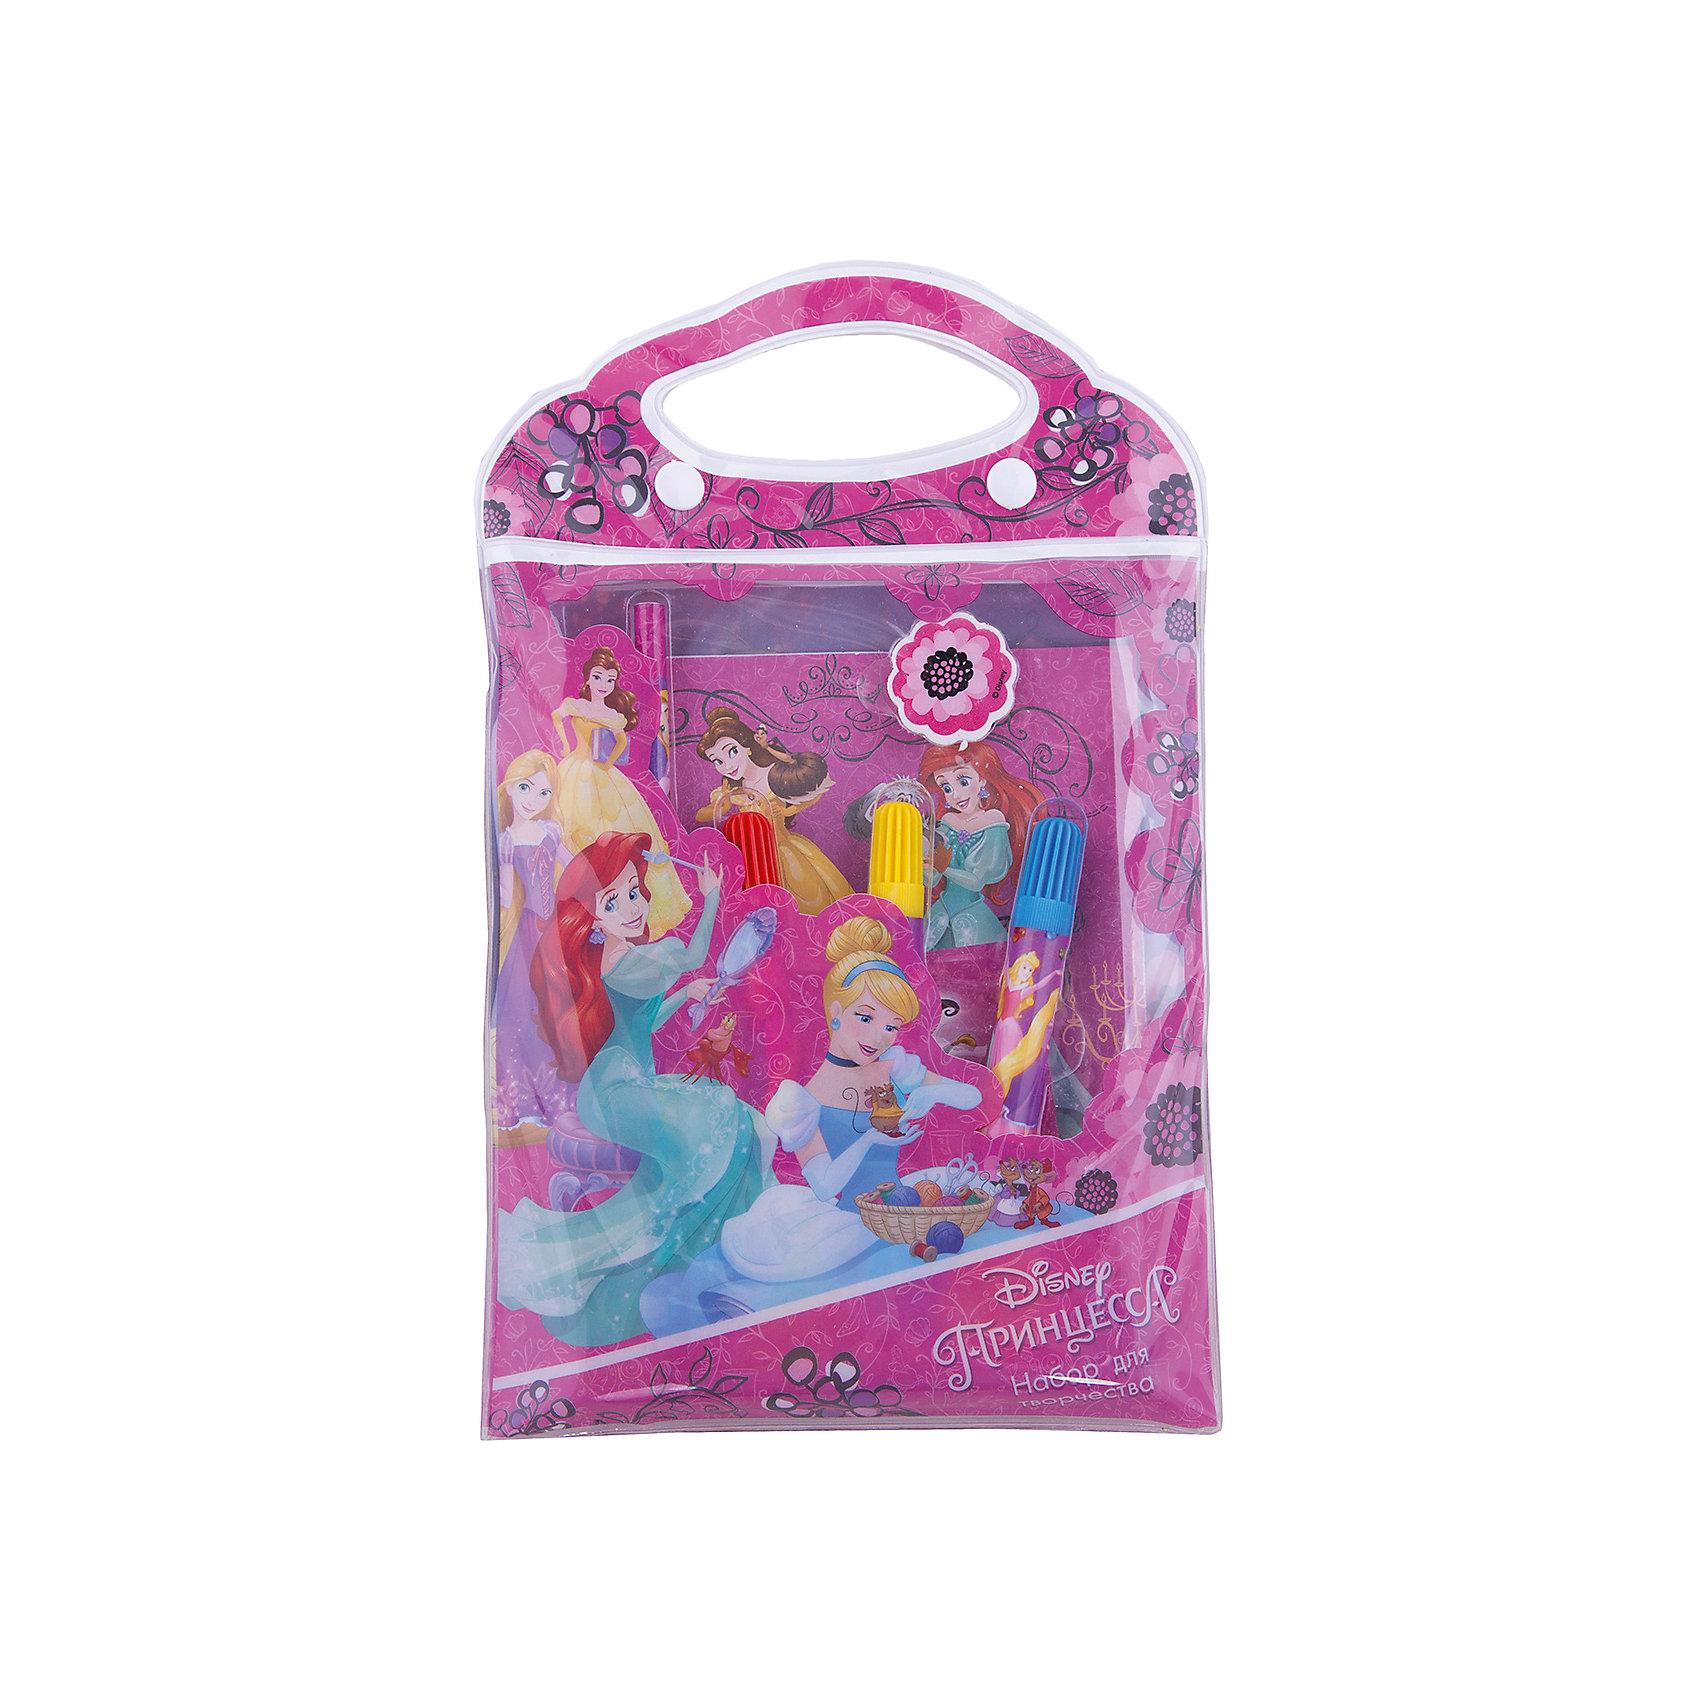 Канцелярский набор Принцессы Дисней 9 предметовШкольные аксессуары<br>Канцелярский набор Принцессы Дисней 9 предметов, Limpopo (Лимпопо)<br><br>Характеристики:<br><br>• яркая упаковка с ручками<br>• 10 картинок с персонажами мультфильма<br>• в комплекте: 3 фломастера, карандаш, ластик, 3 листа наклеек, блокнот-раскраска( 10 листов)<br>• размер упаковки: 17,5х1,5х27,5 см<br>• вес: 111 грамм<br><br>Если ваш ребенок увлекается рисованием, то ему обязательно пригодится набор Принцессы Дисней. В него входят фломастеры, карандаш, ластик, наклейки и 10 листов с картинками, которые необходимо раскрасить. На картинках изображены персонажи мультфильмов в черно-белом варианте. Раскрасьте их - и они словно оживут! Ребенок сможет проявить свою фантазию и раскрасить картинки по своему усмотрению, а затем дополнить их наклейками. Все предметы находятся в удобной упаковке с ручками, оформленной изображением из мультфильма.<br><br>Канцелярский набор Принцессы Дисней 9 предметов, Limpopo (Лимпопо) можно купить в нашем интернет-магазине.<br><br>Ширина мм: 275<br>Глубина мм: 15<br>Высота мм: 175<br>Вес г: 111<br>Возраст от месяцев: 48<br>Возраст до месяцев: 144<br>Пол: Женский<br>Возраст: Детский<br>SKU: 5390305